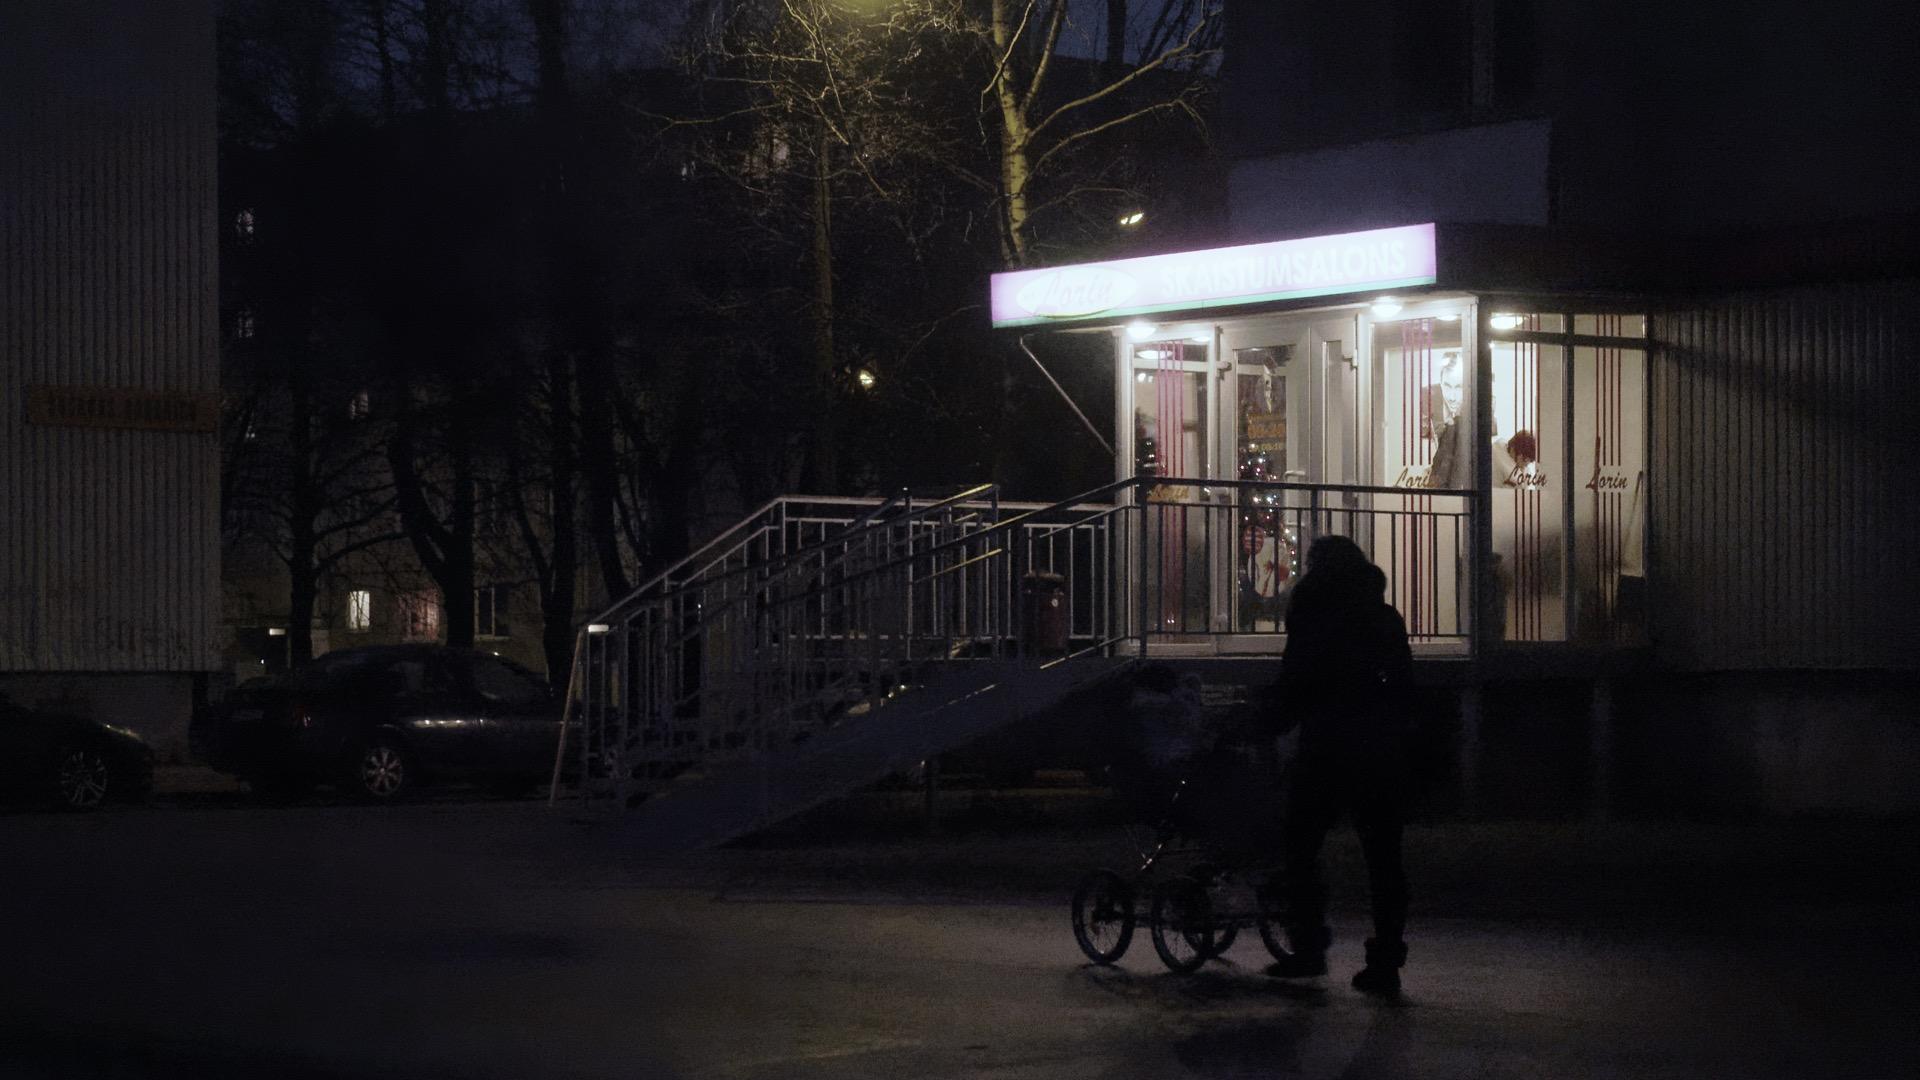 Bild: Abendstimmung im Rigaer Stadtteil Imanta. OLYMPUS OM-D E-M1 mit M.ZUIKO DIGITAL ED 12‑40mm 1:2.8 ISO 8000 ¦ f/5,6 ¦ 35 mm ¦ 1/100 s ¦ kein Blitz. Klicken Sie auf das Bild um es zu vergrößern.